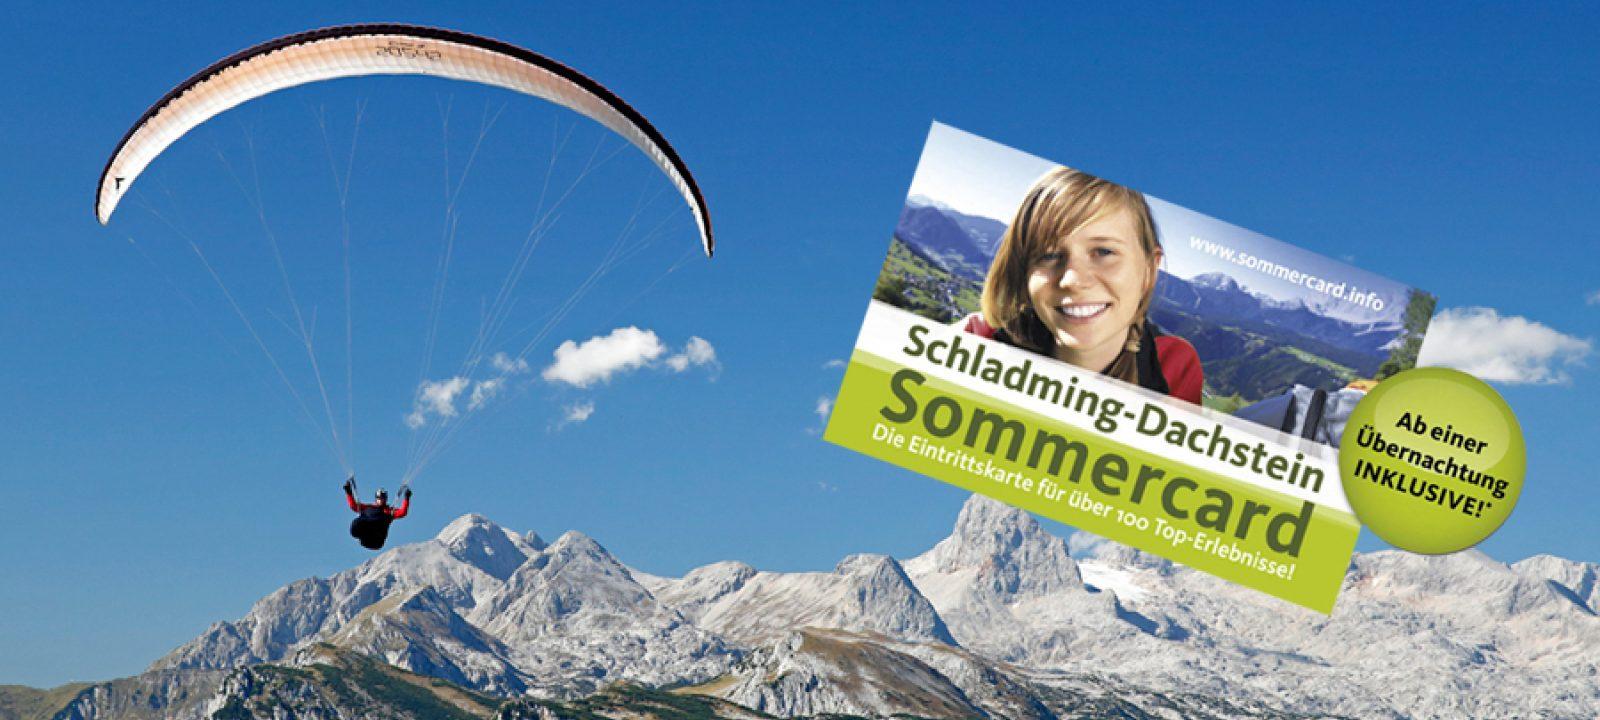 Sommercard Plus Paragleiter